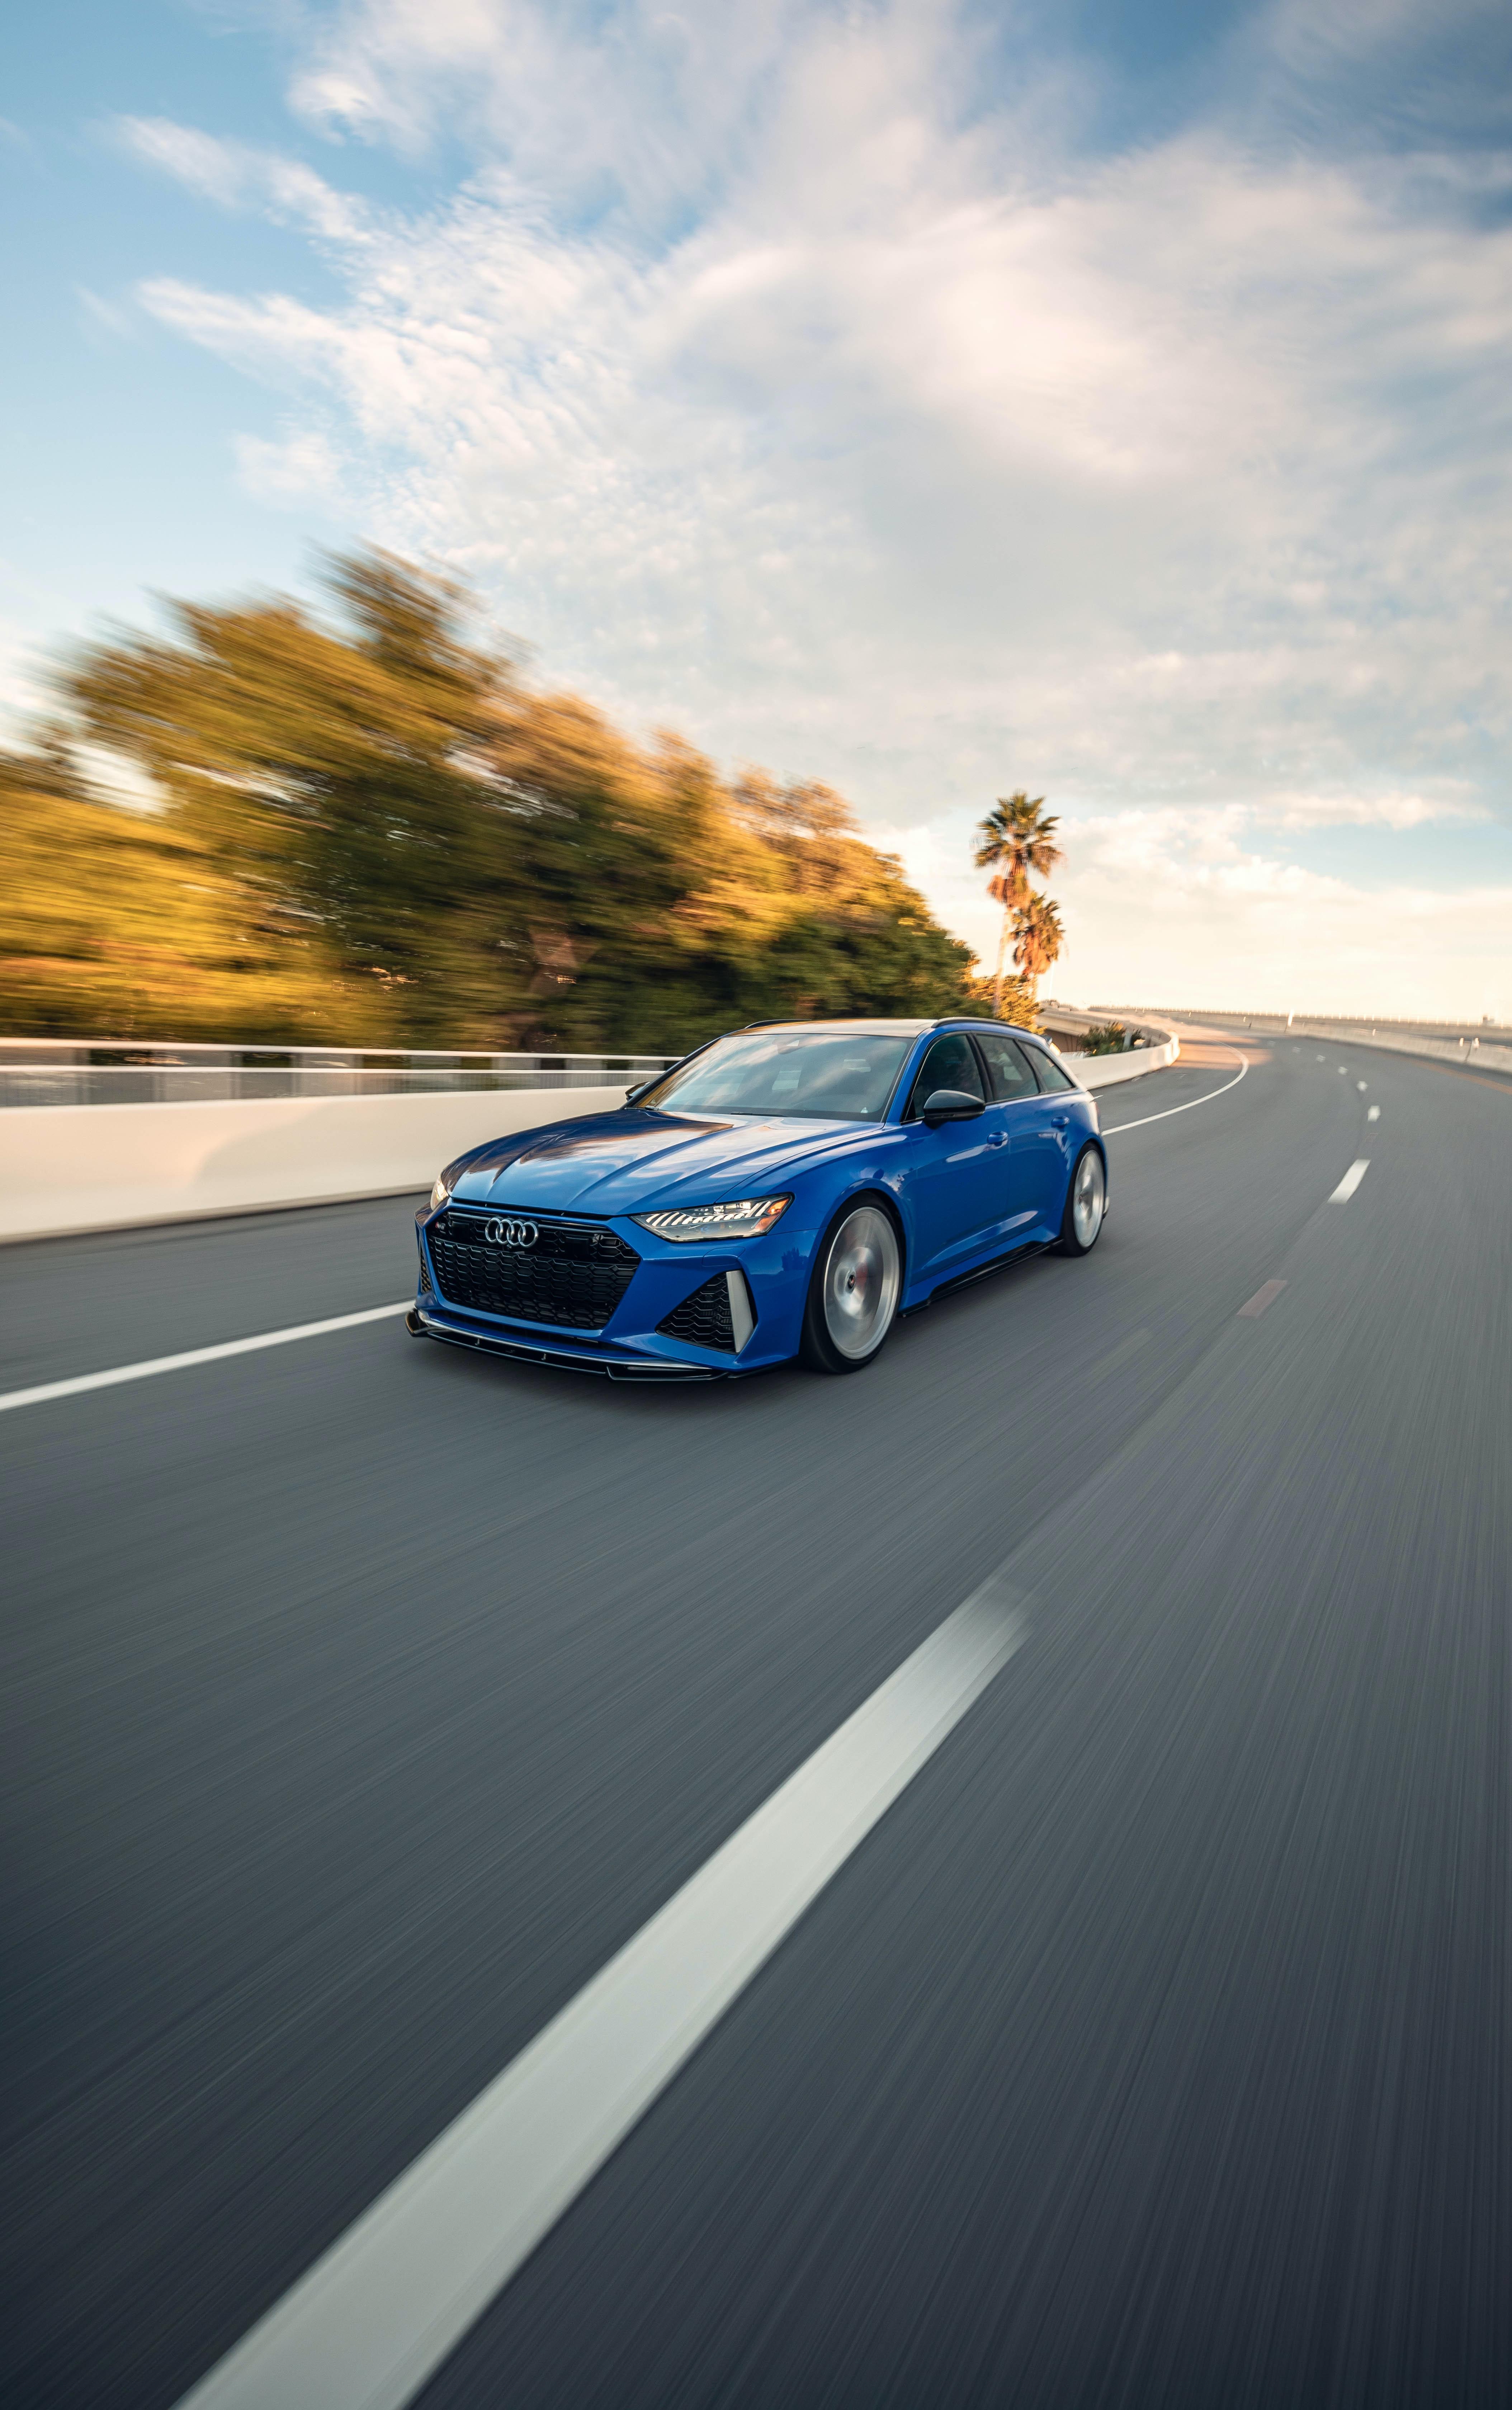 70036 скачать обои Тачки (Cars), Ауди (Audi), Дорога, Автомобиль, Синий, Скорость - заставки и картинки бесплатно